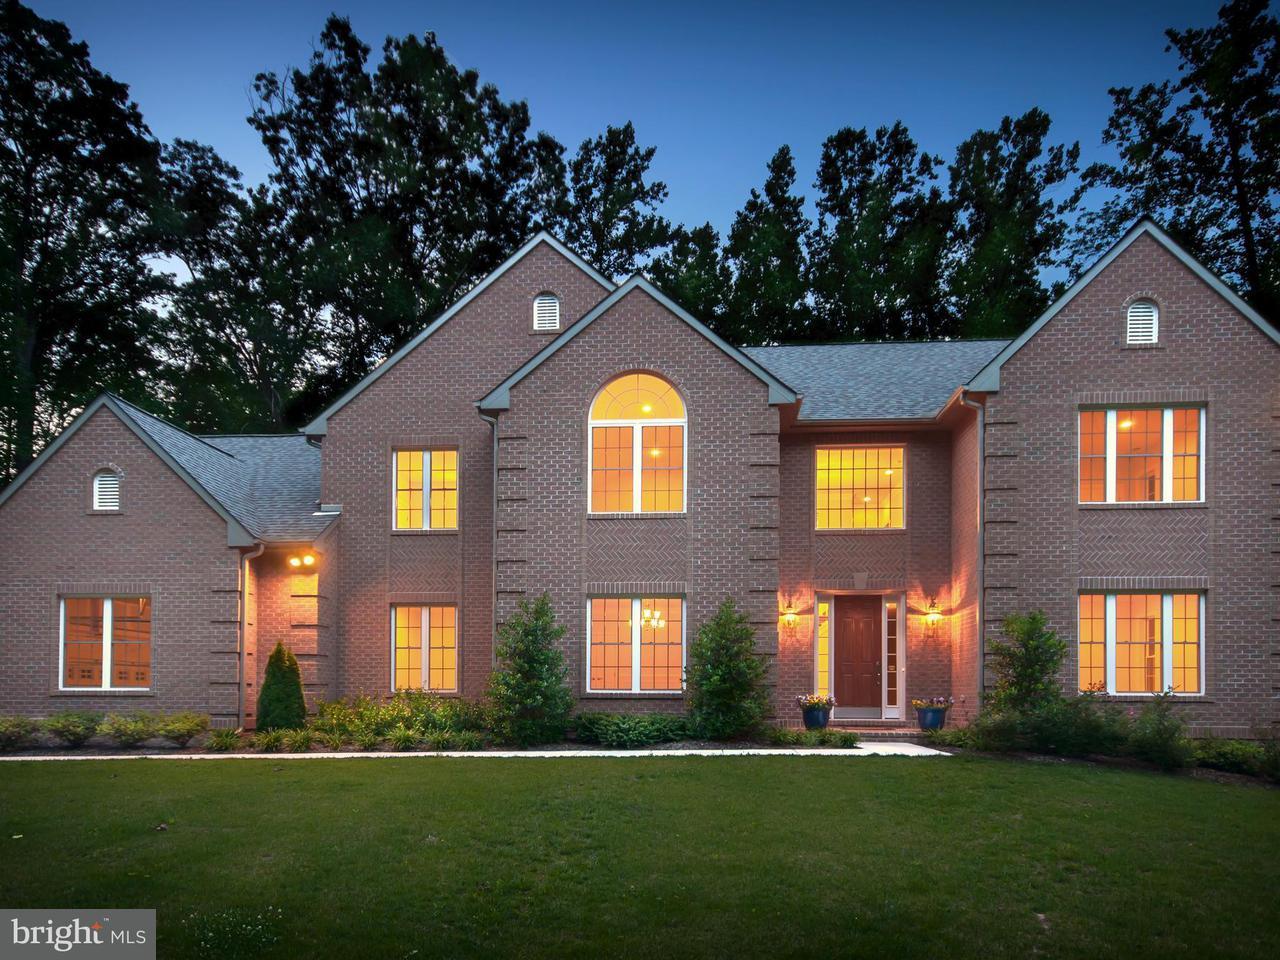 Maison unifamiliale pour l Vente à 2401 TUFTON SPRINGS Lane 2401 TUFTON SPRINGS Lane Reisterstown, Maryland 21136 États-Unis